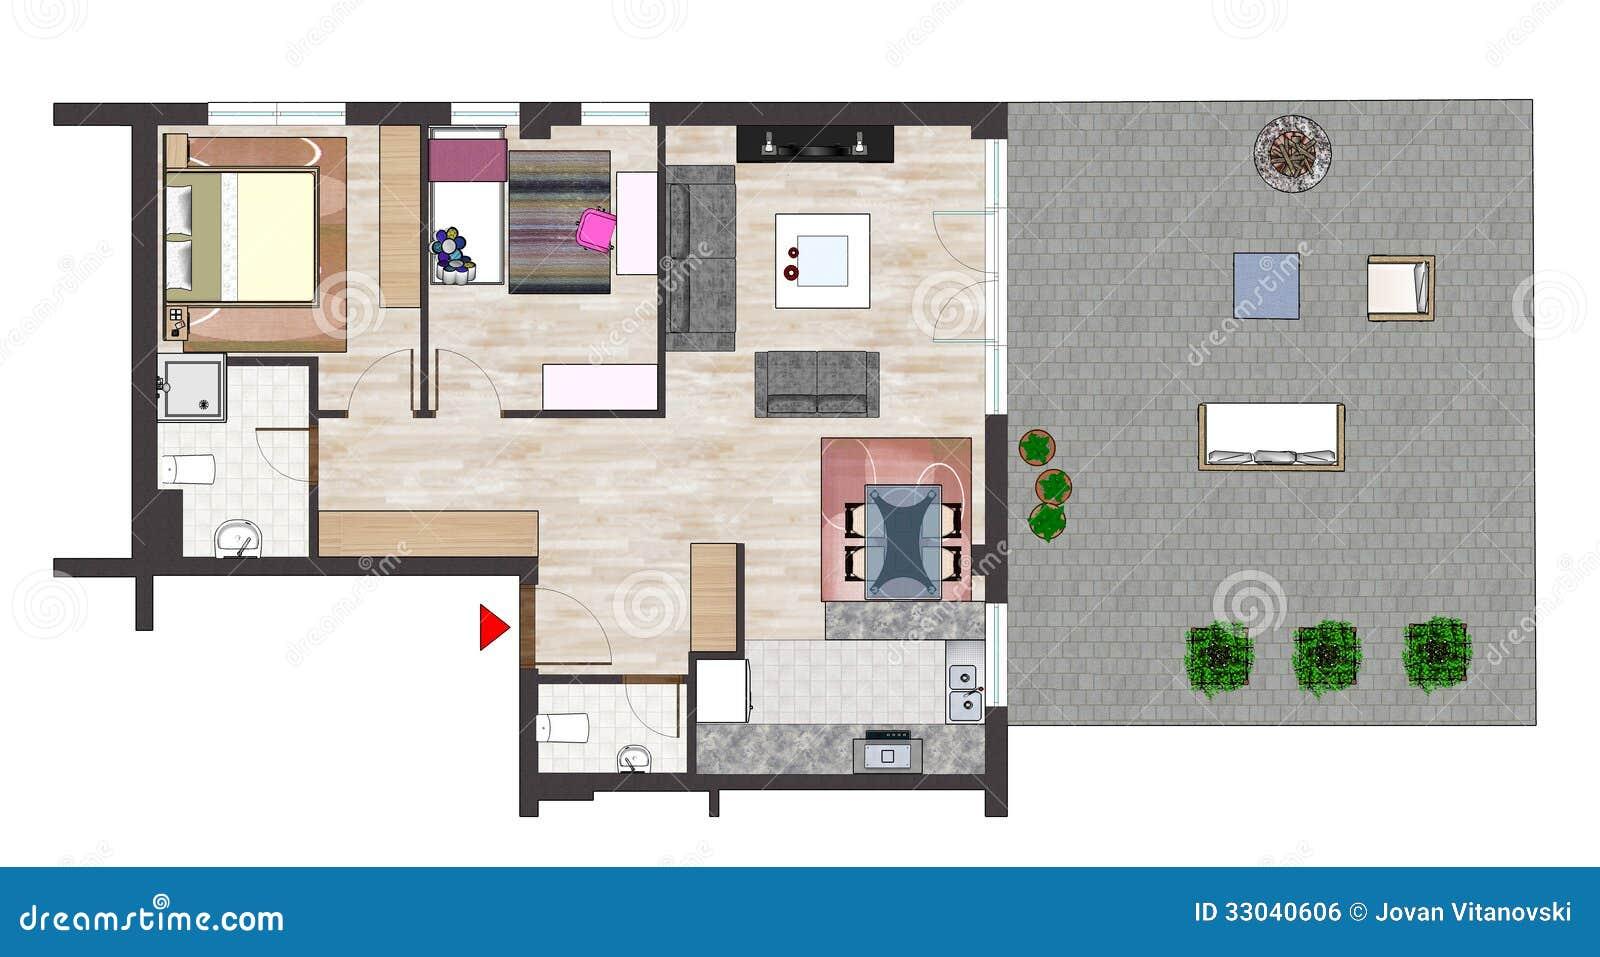 Plan d 39 tage la maison image libre de droits image for Agencement de maison de plan libre